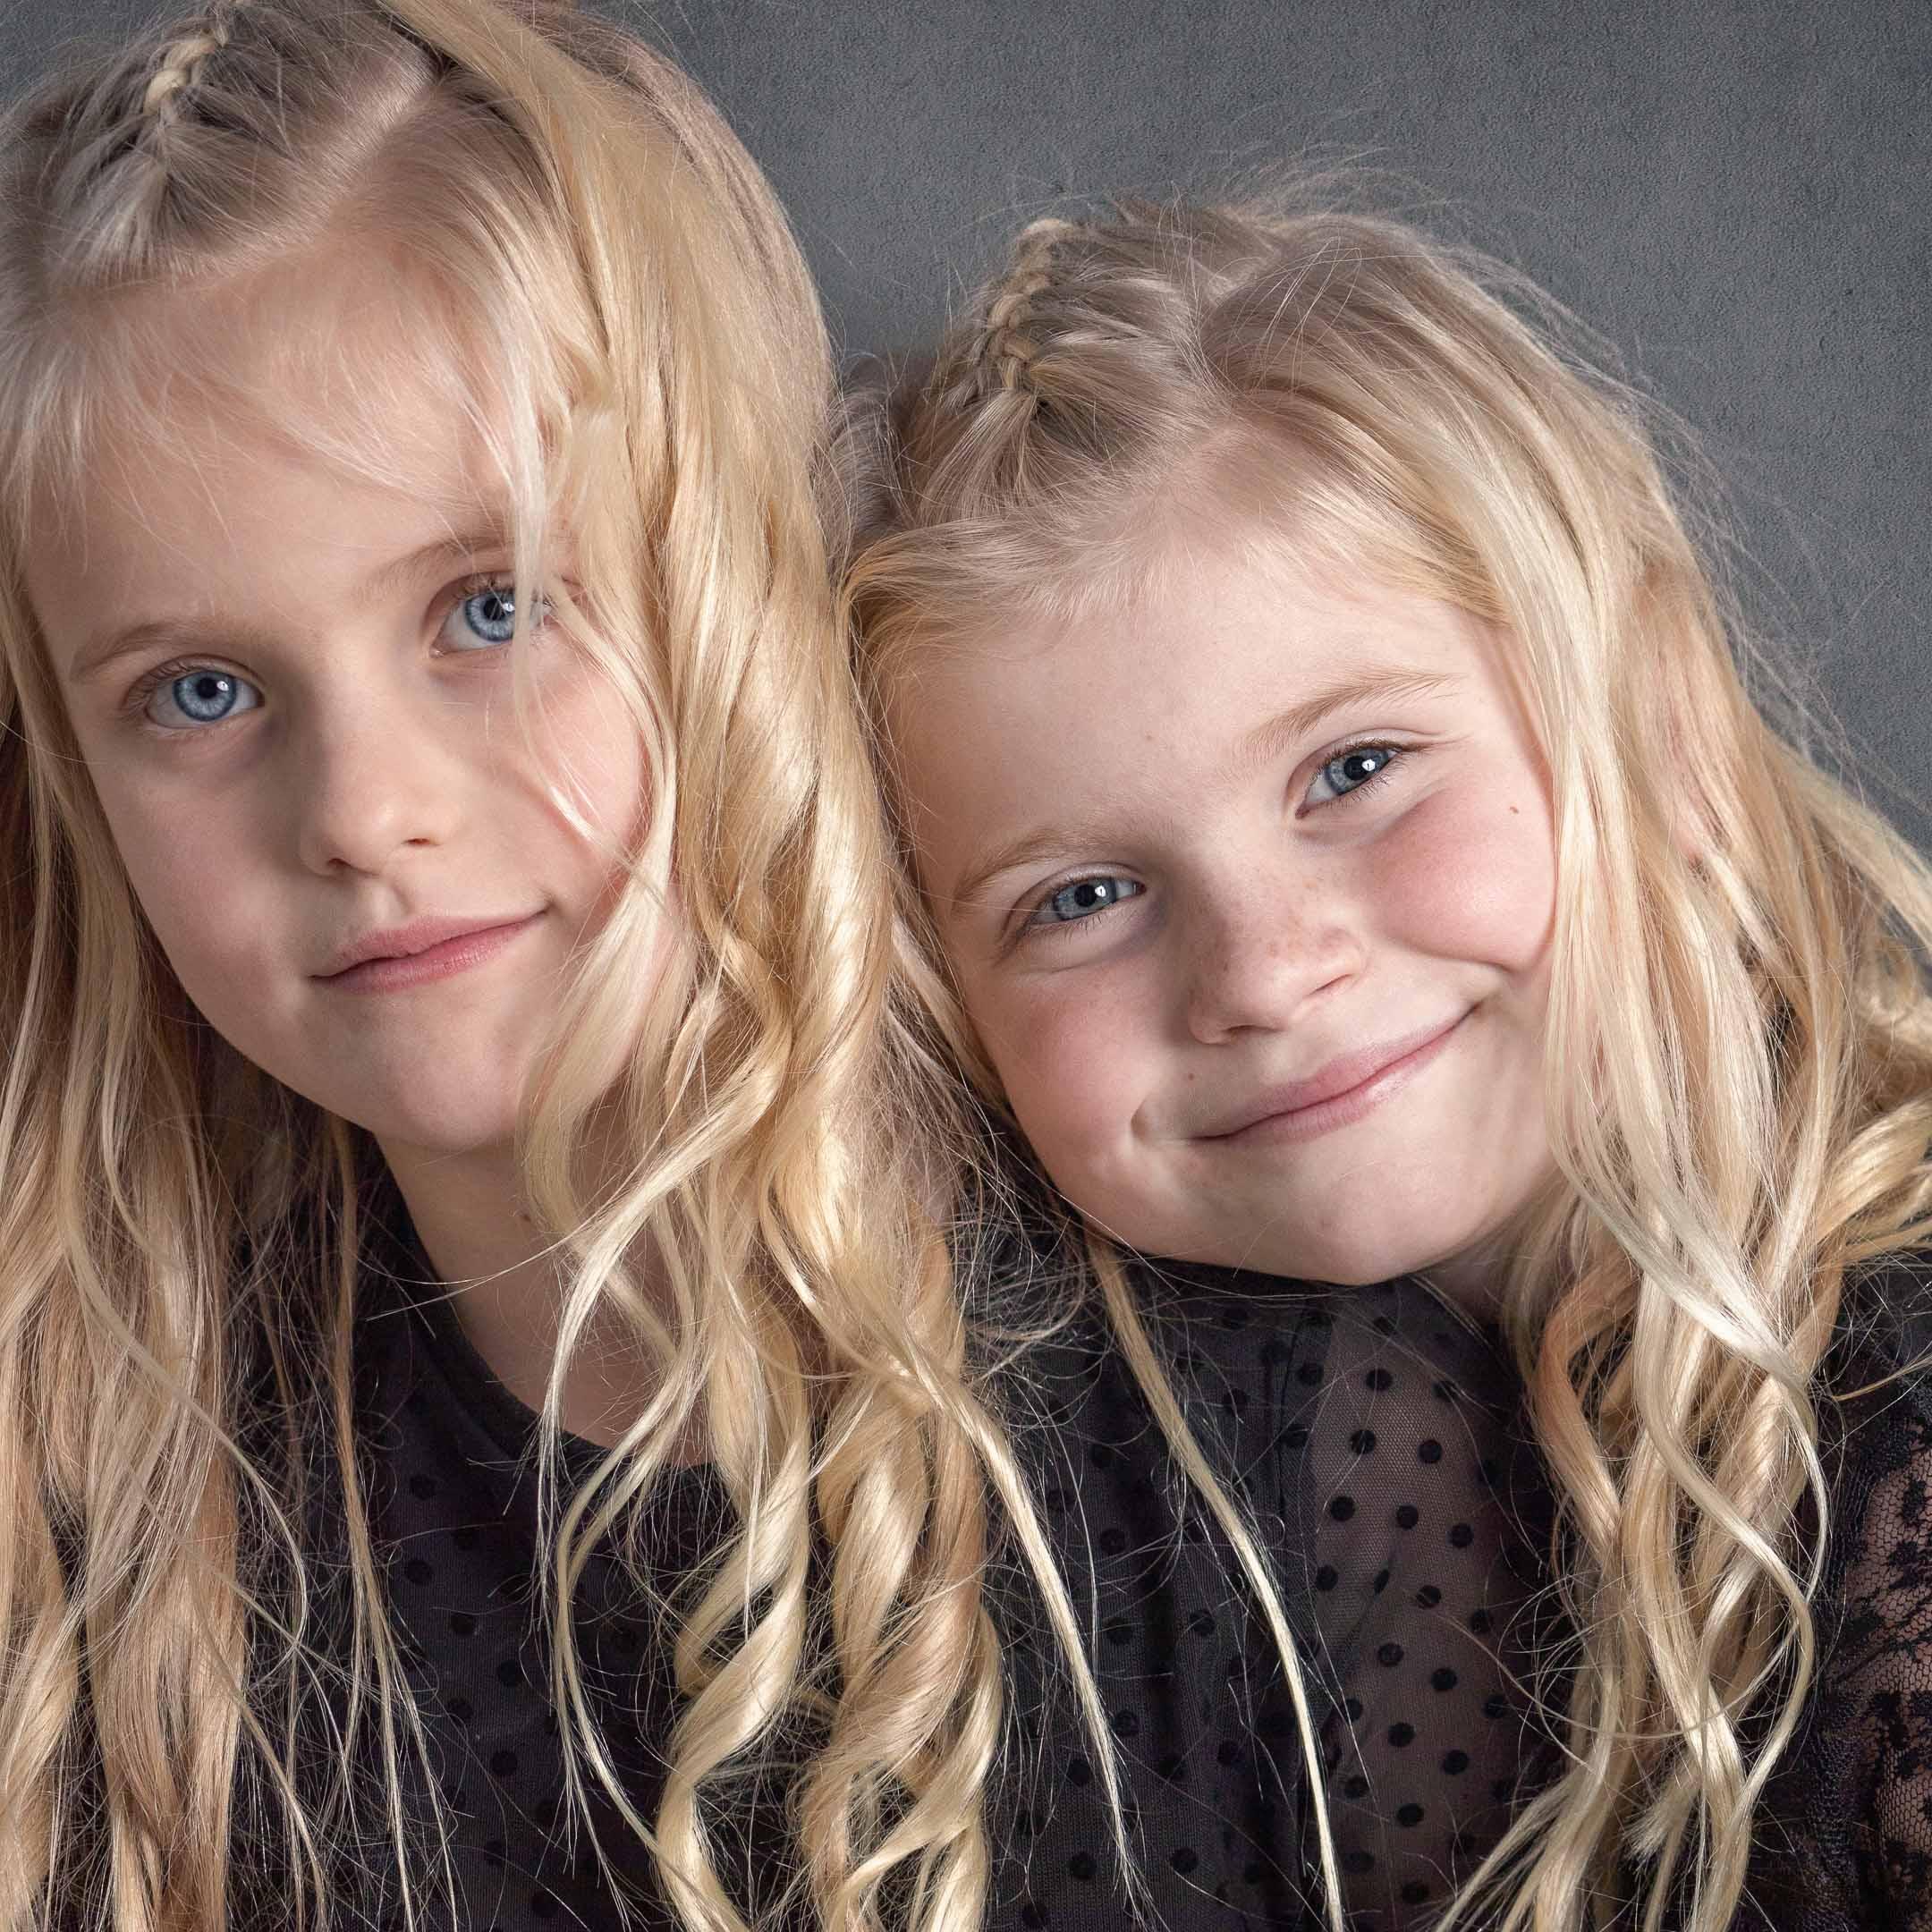 Een studioportret van jonge meisjes-zusjes